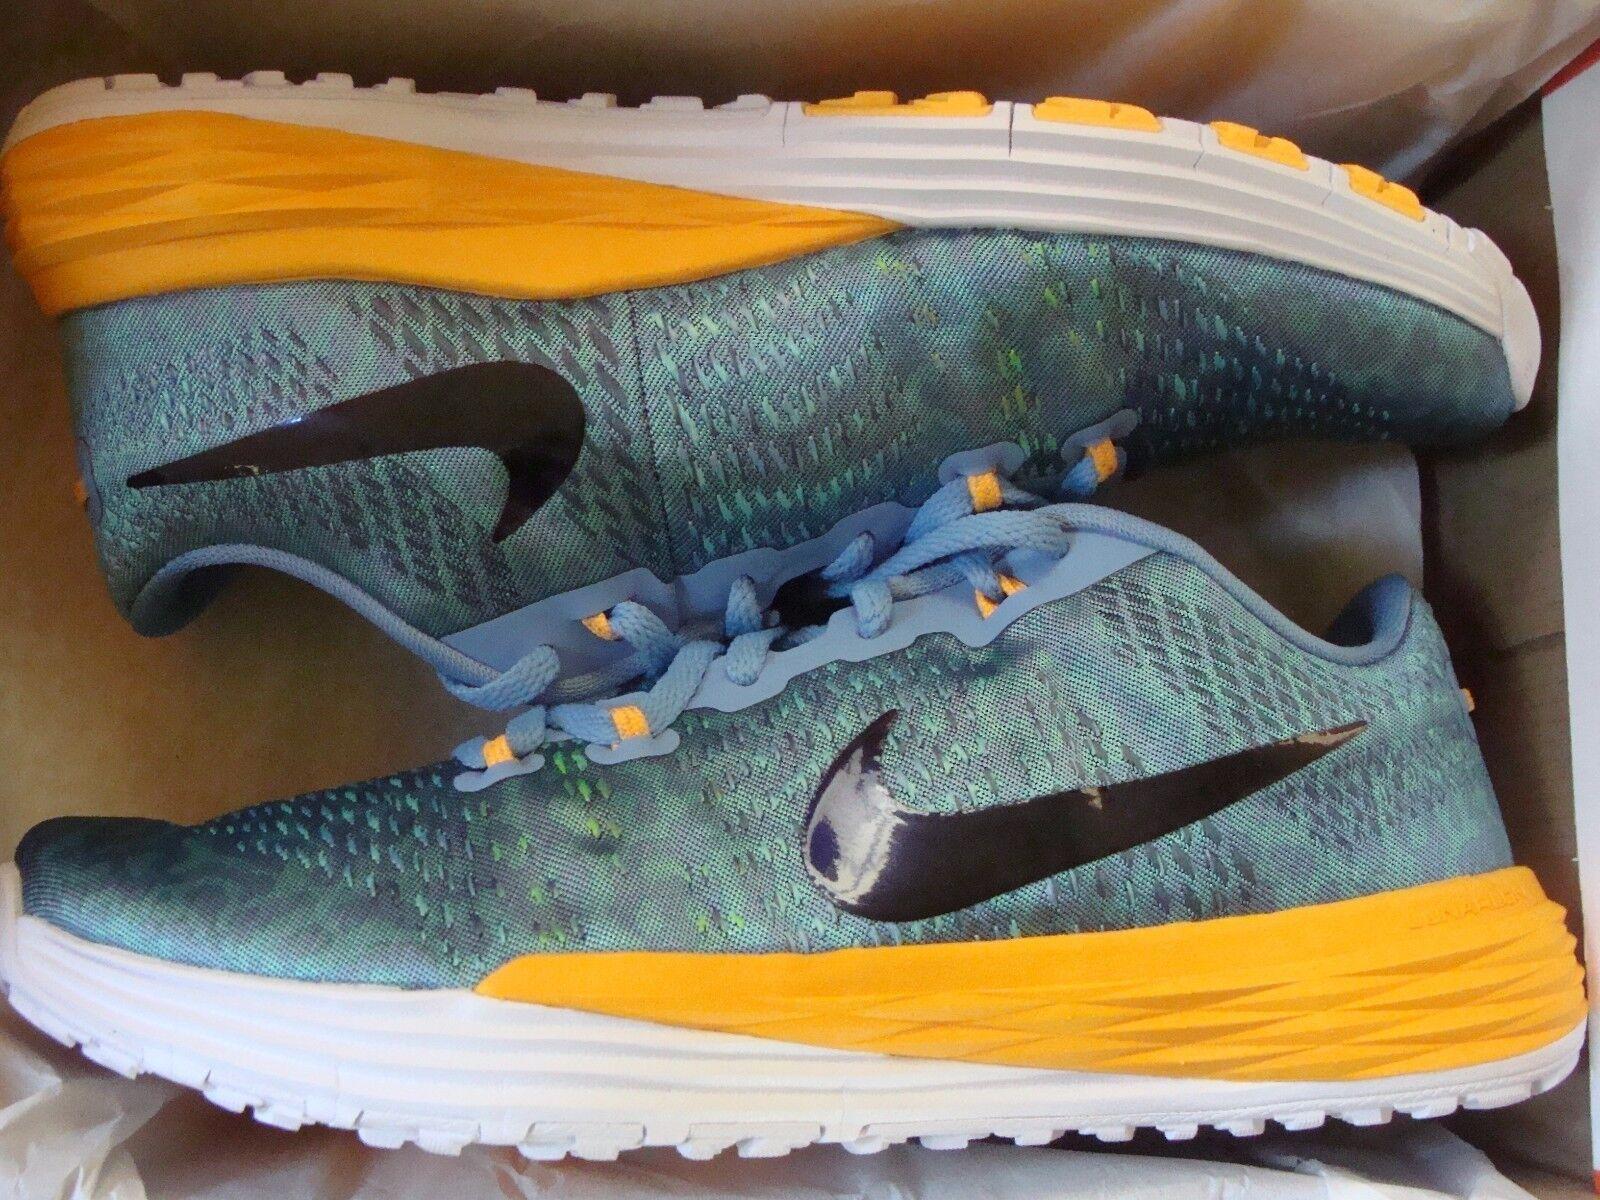 Hombres Nike Lunar tamaño caldra amp 845602 400 tamaño Lunar 7 ~ 11,5 el modelo mas vendido de la marca 608516